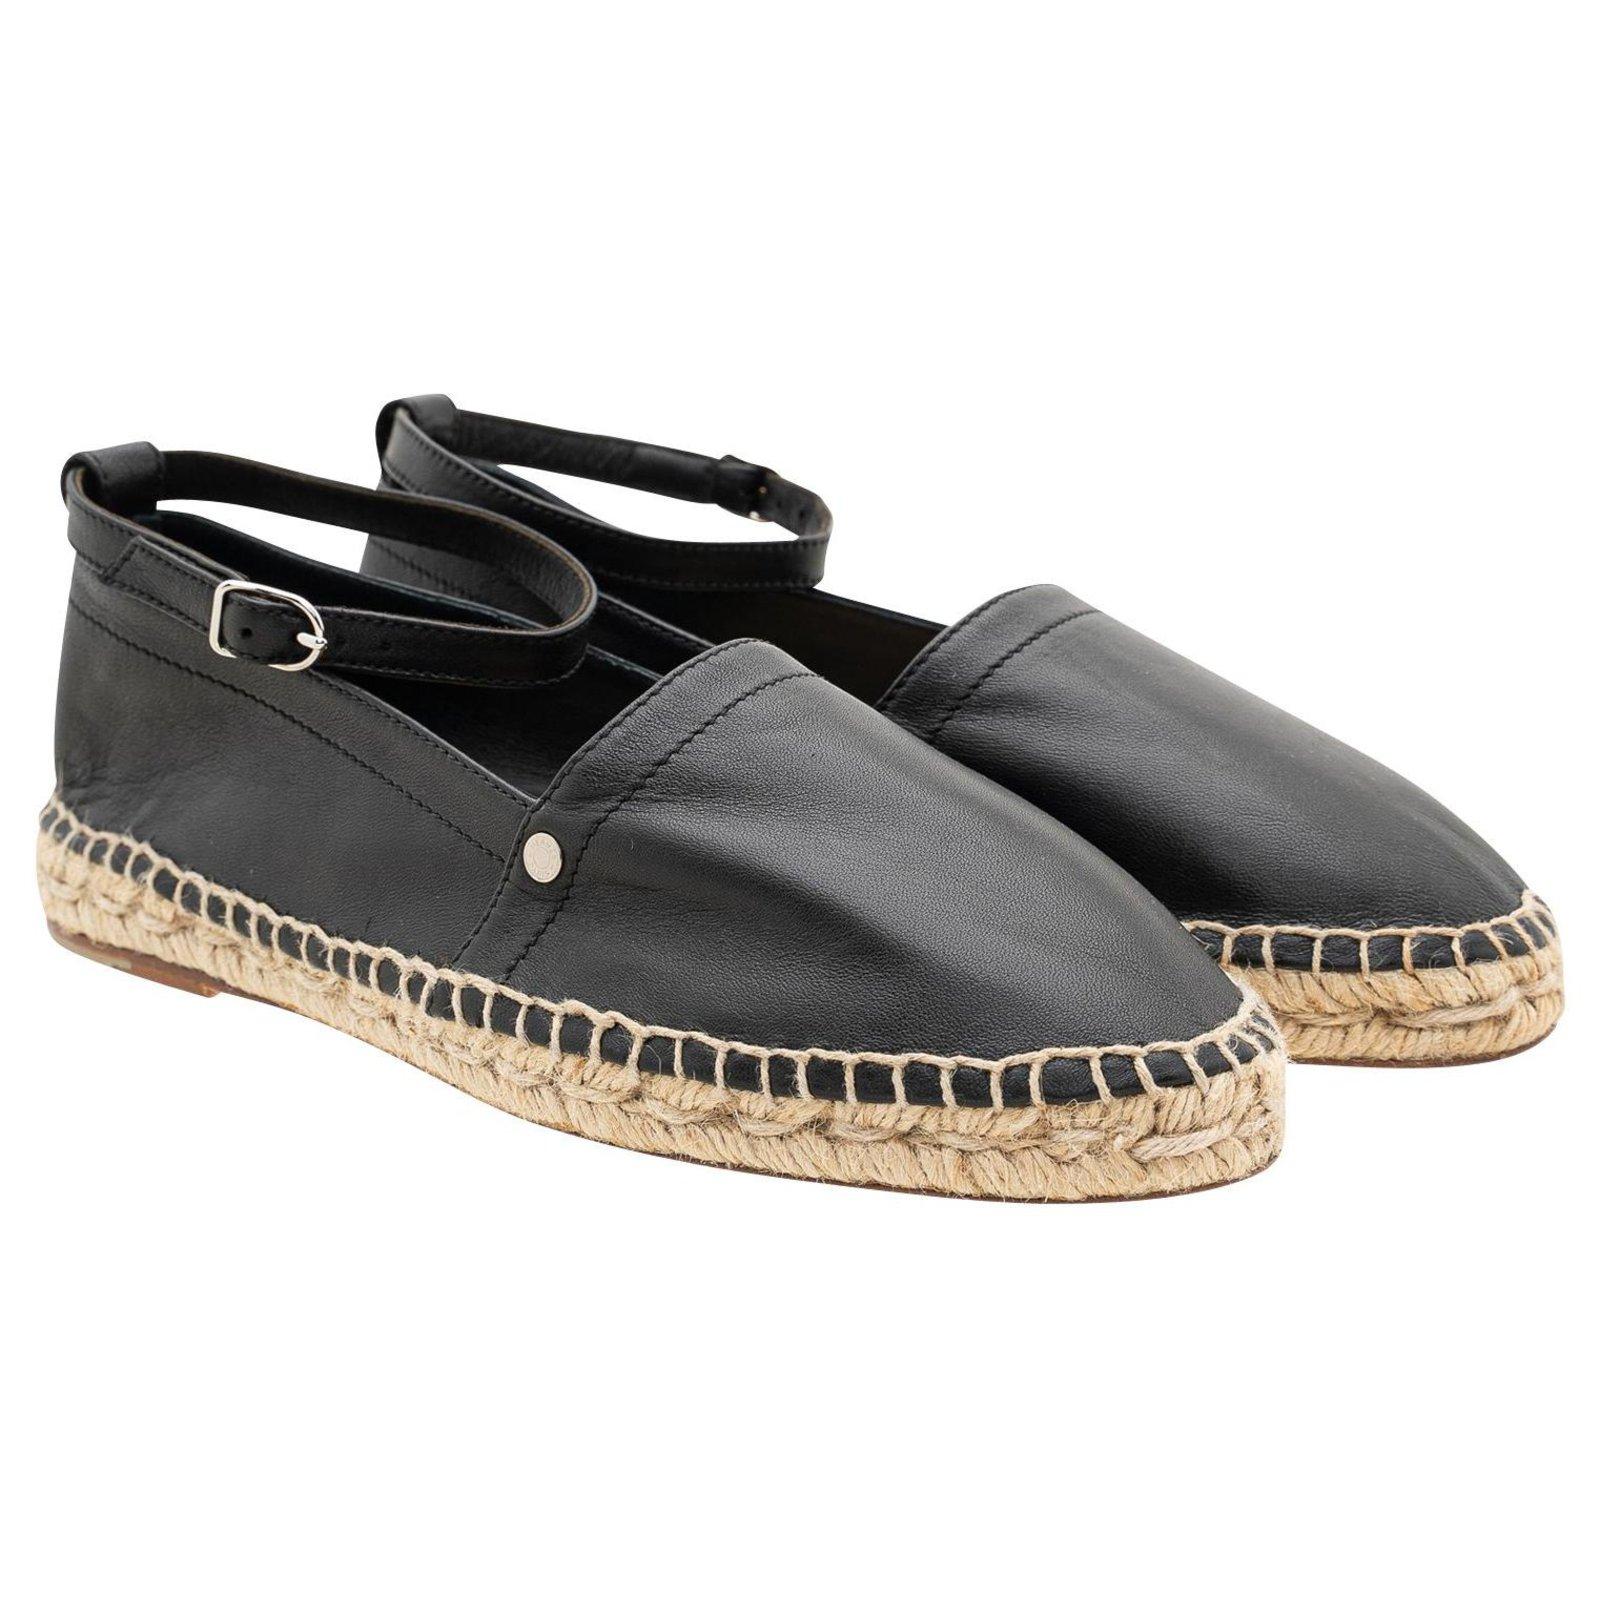 Hermes Black Leather Ankle Strap Espadrilles